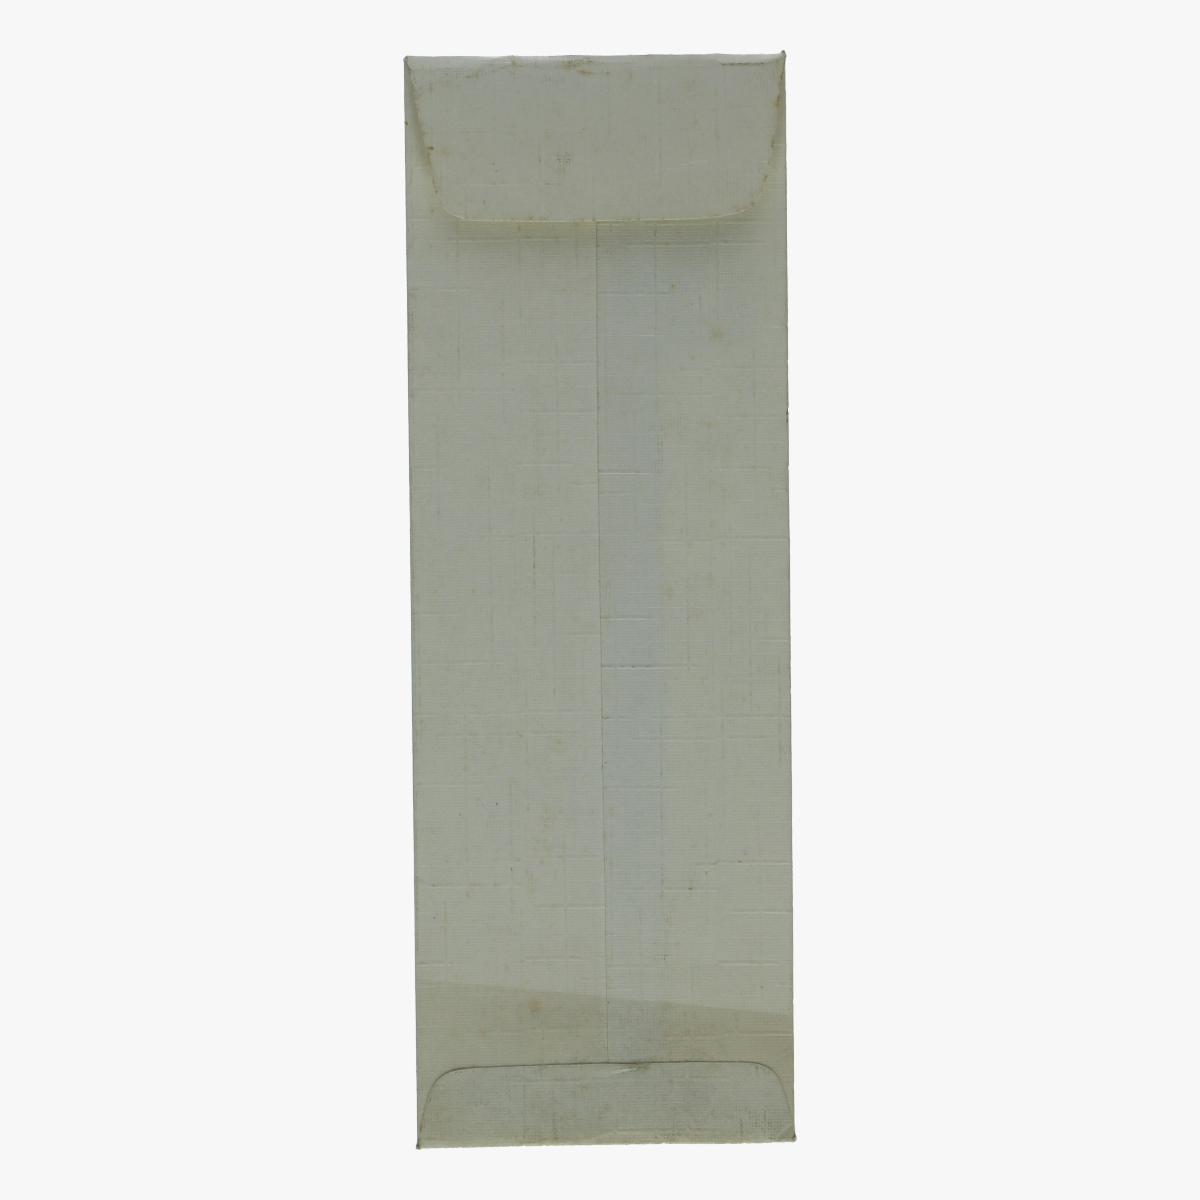 Afbeeldingen van bestekken verpakking vliegtuig bea silvet star viscount